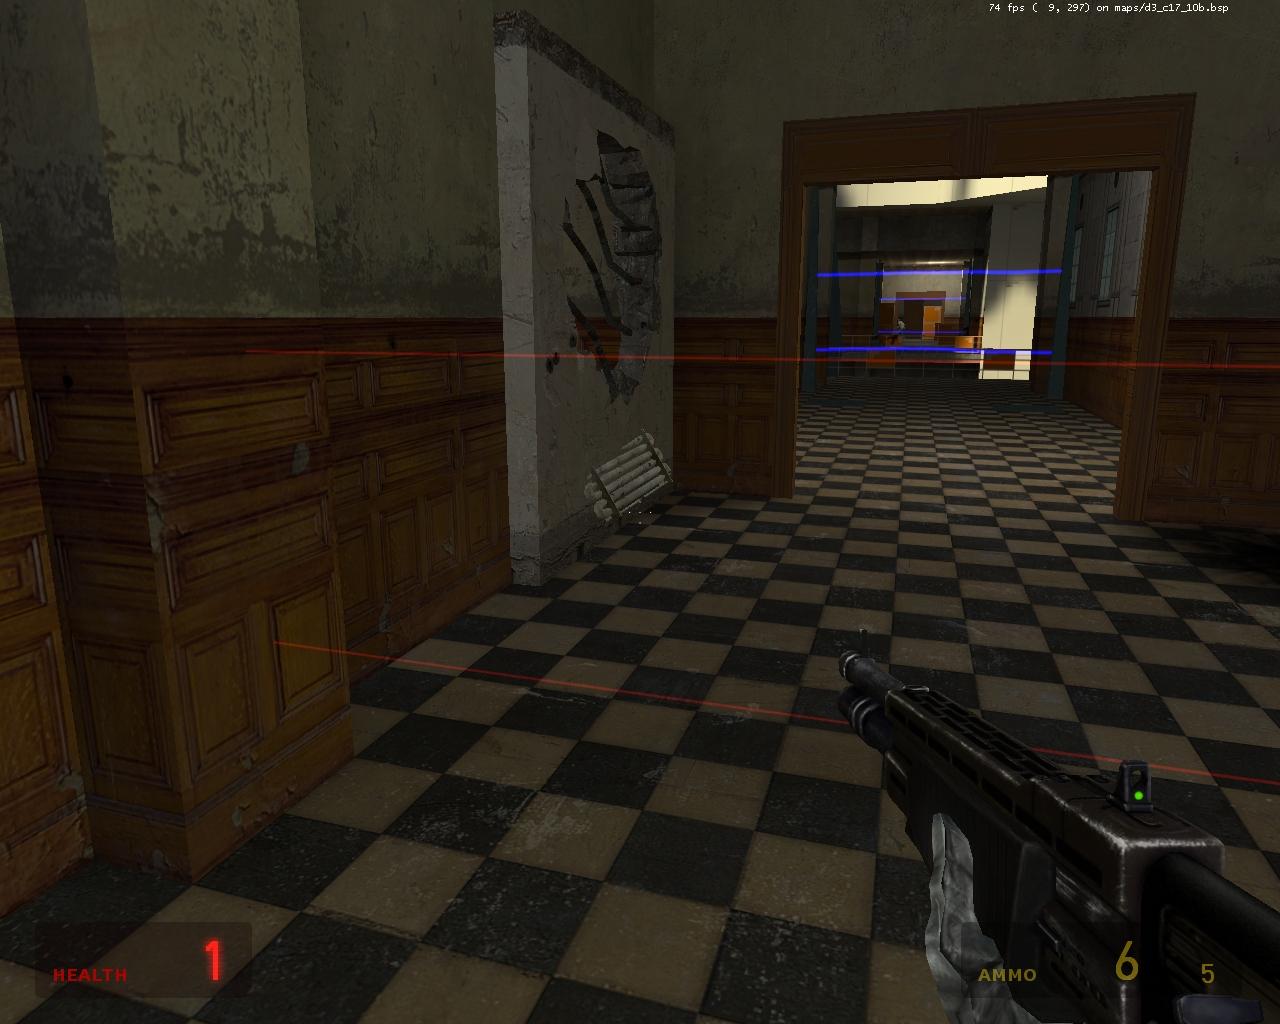 Half-Life 2 Beta - Half-Life 2 Half-Life 2 Beta, HL2Beta, не нужно больше тегов